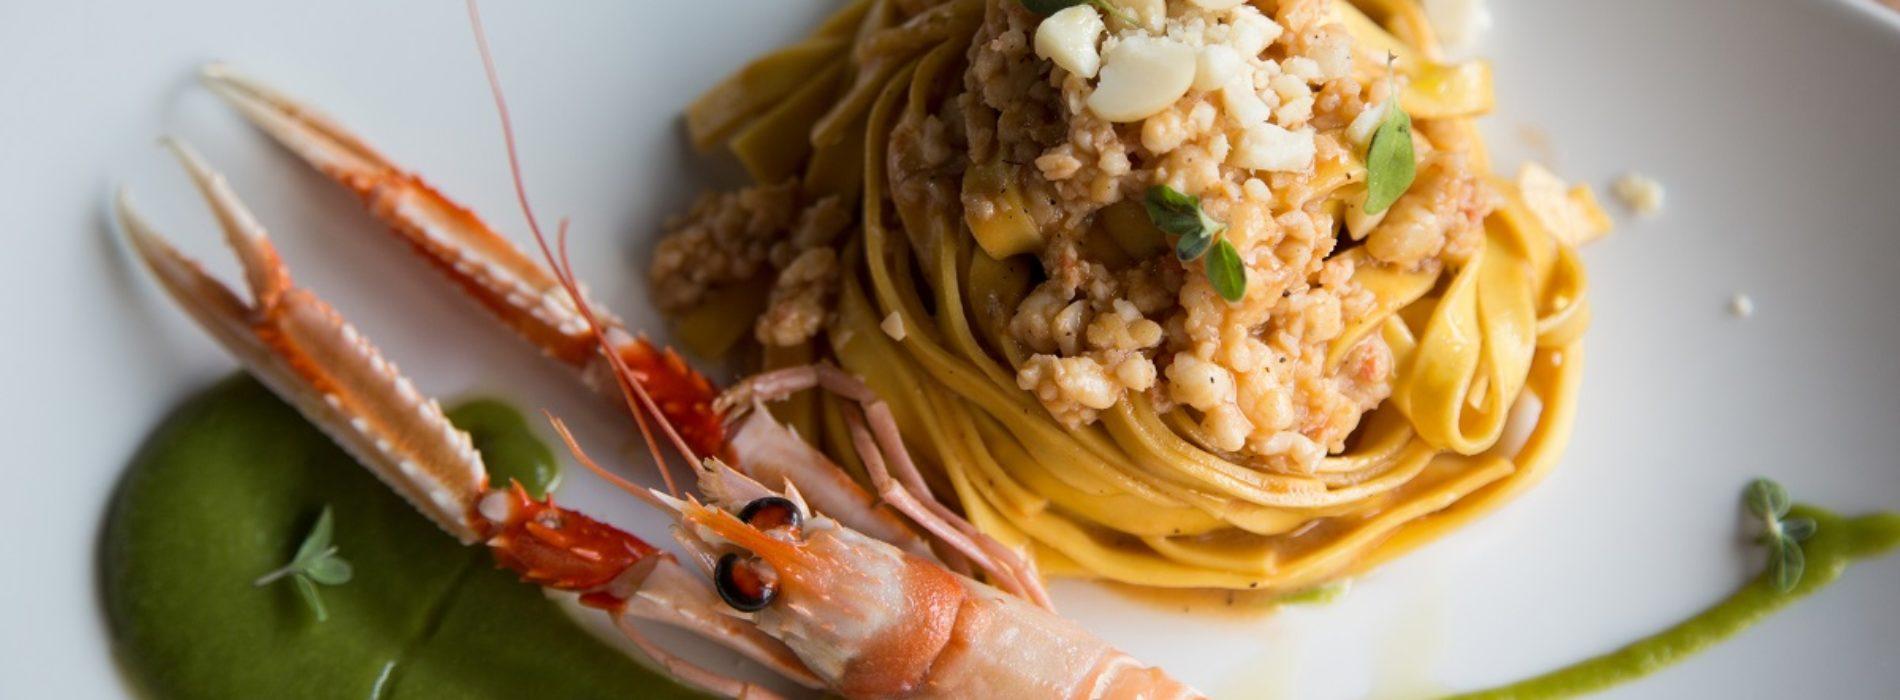 Nuove aperture a Milano giugno 2018: tre ristoranti di pesce da provare